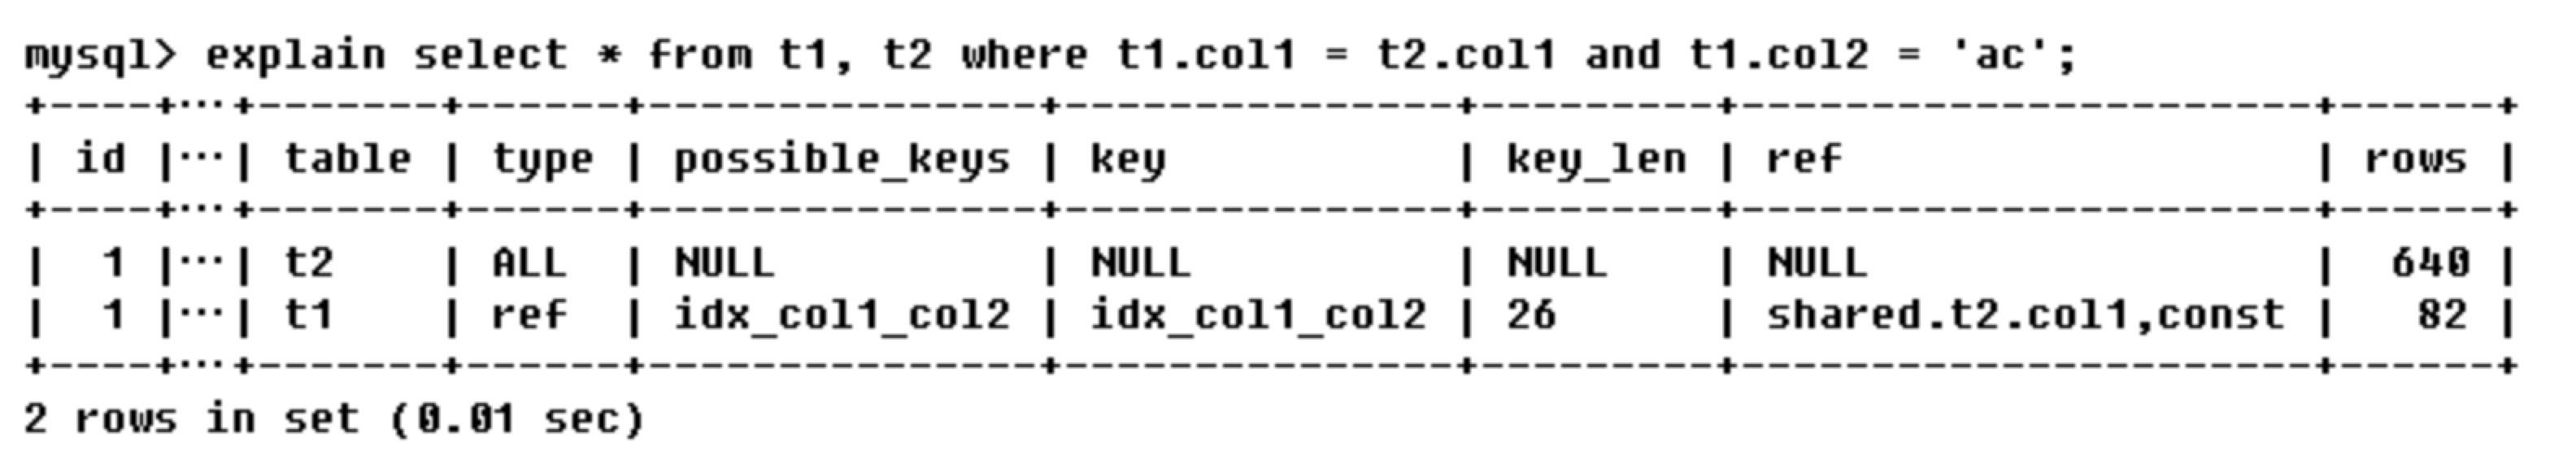 index-optimization-06